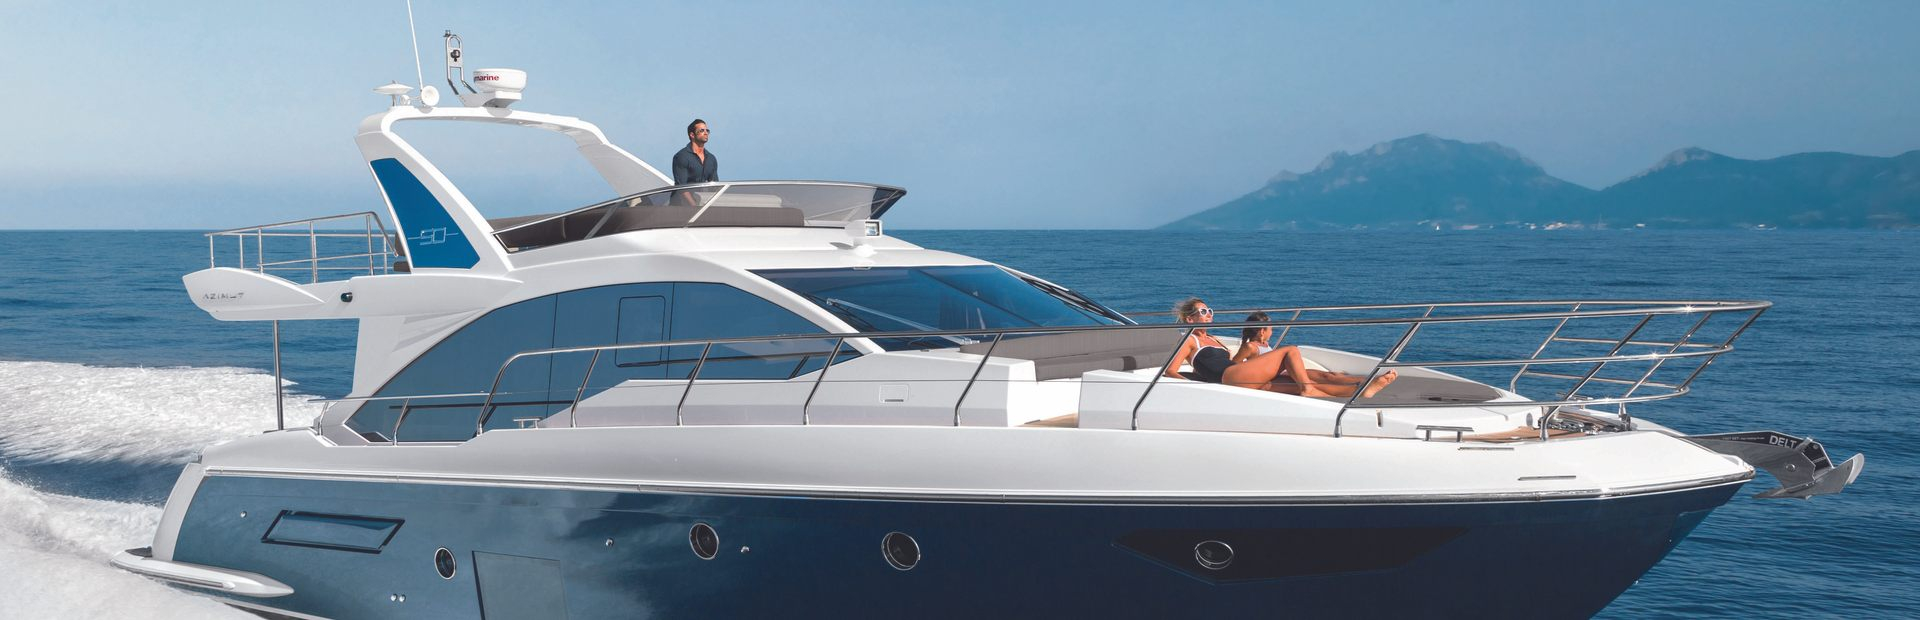 Azimut 50 Yacht Charter